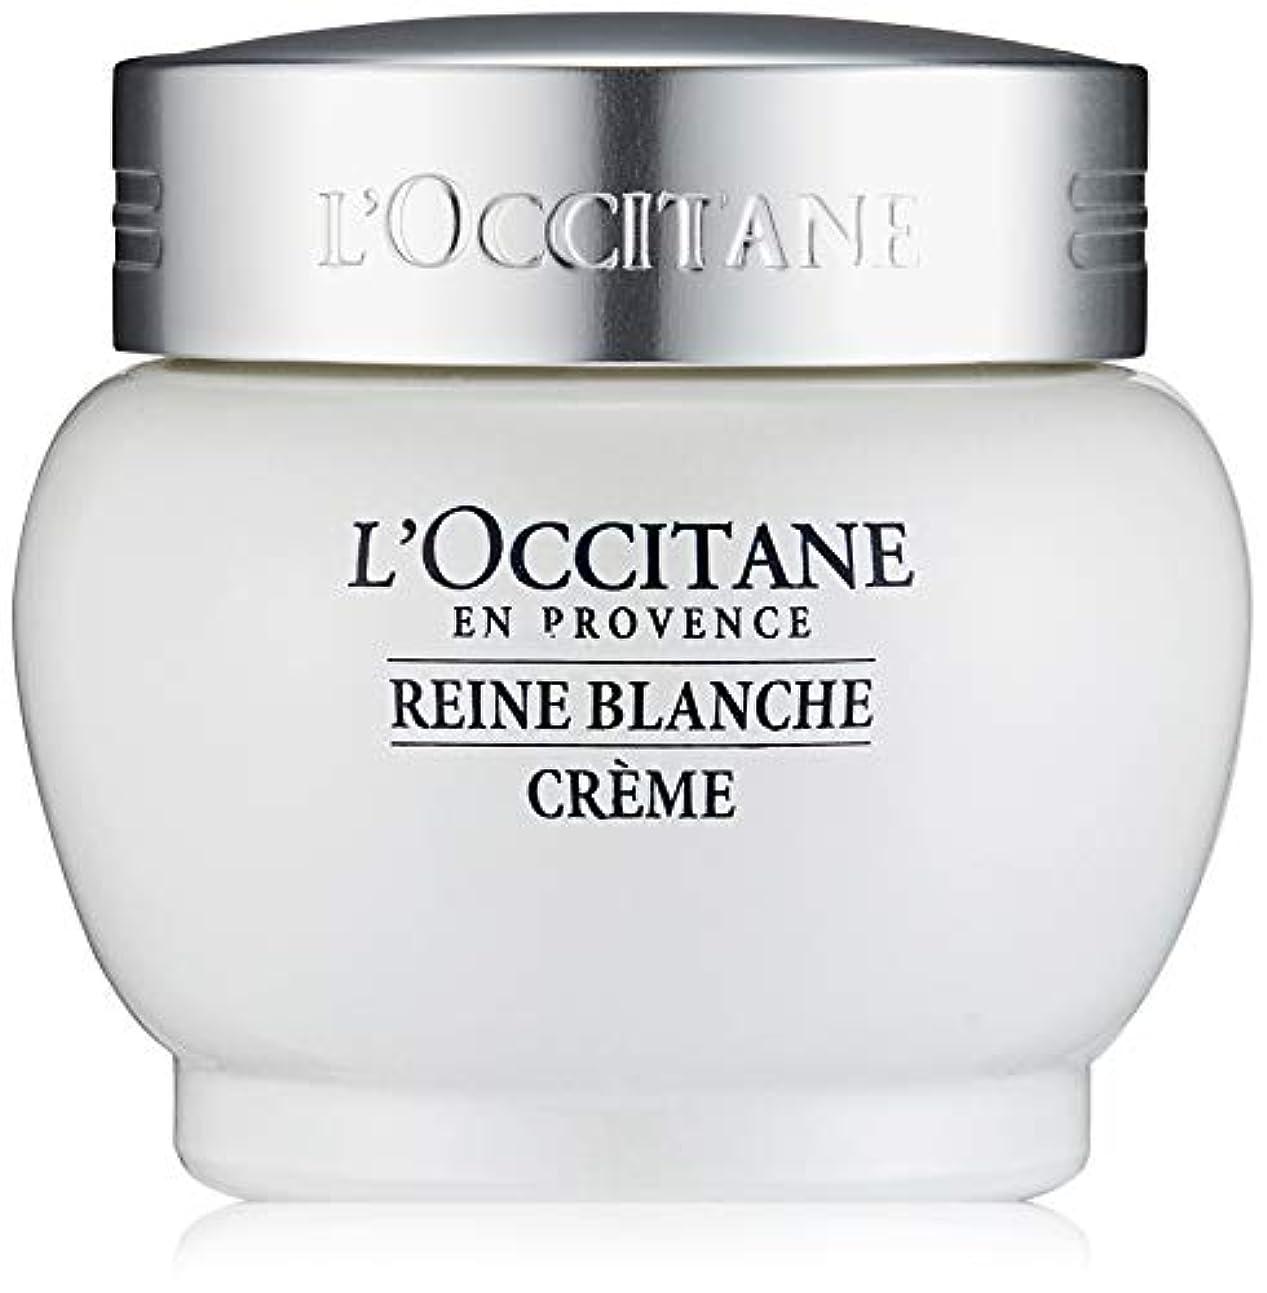 交換可能絶対に曲がったロクシタン(L'OCCITANE) レーヌブランシュ ホワイトインフュージョンジェルクリーム 50ml